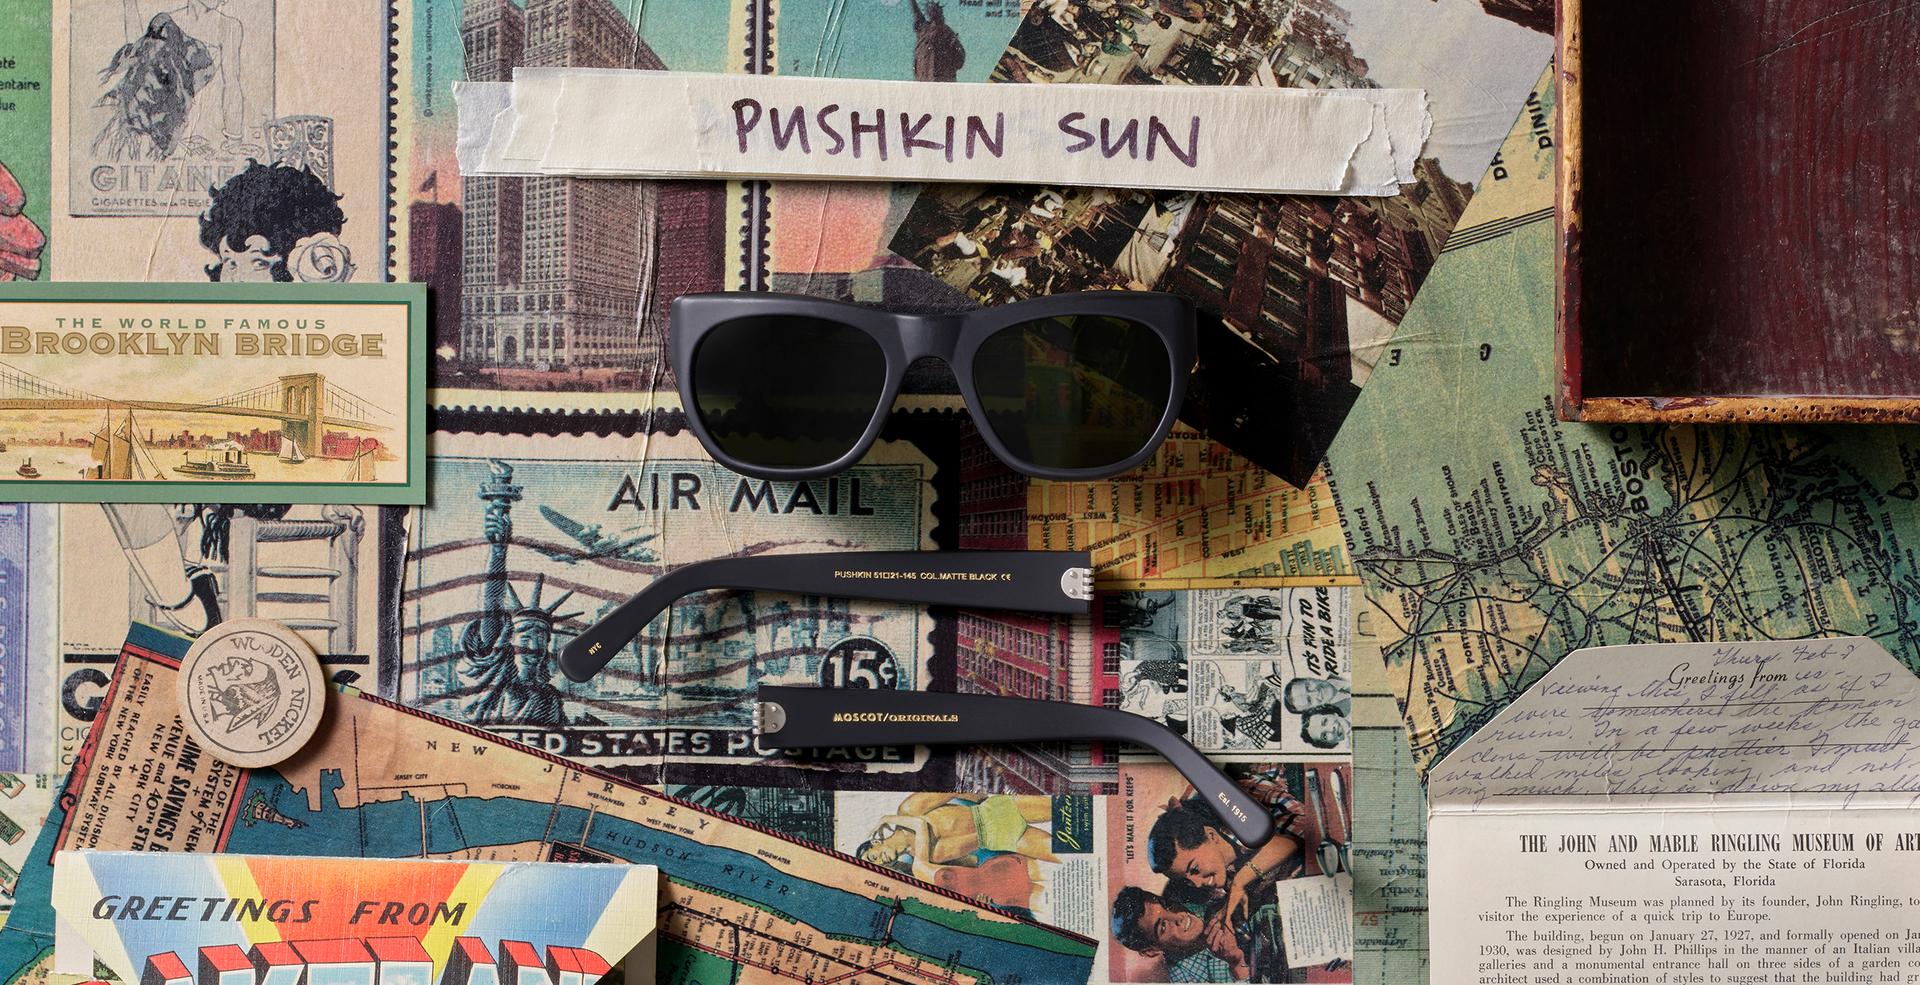 PUSHKIN SUN